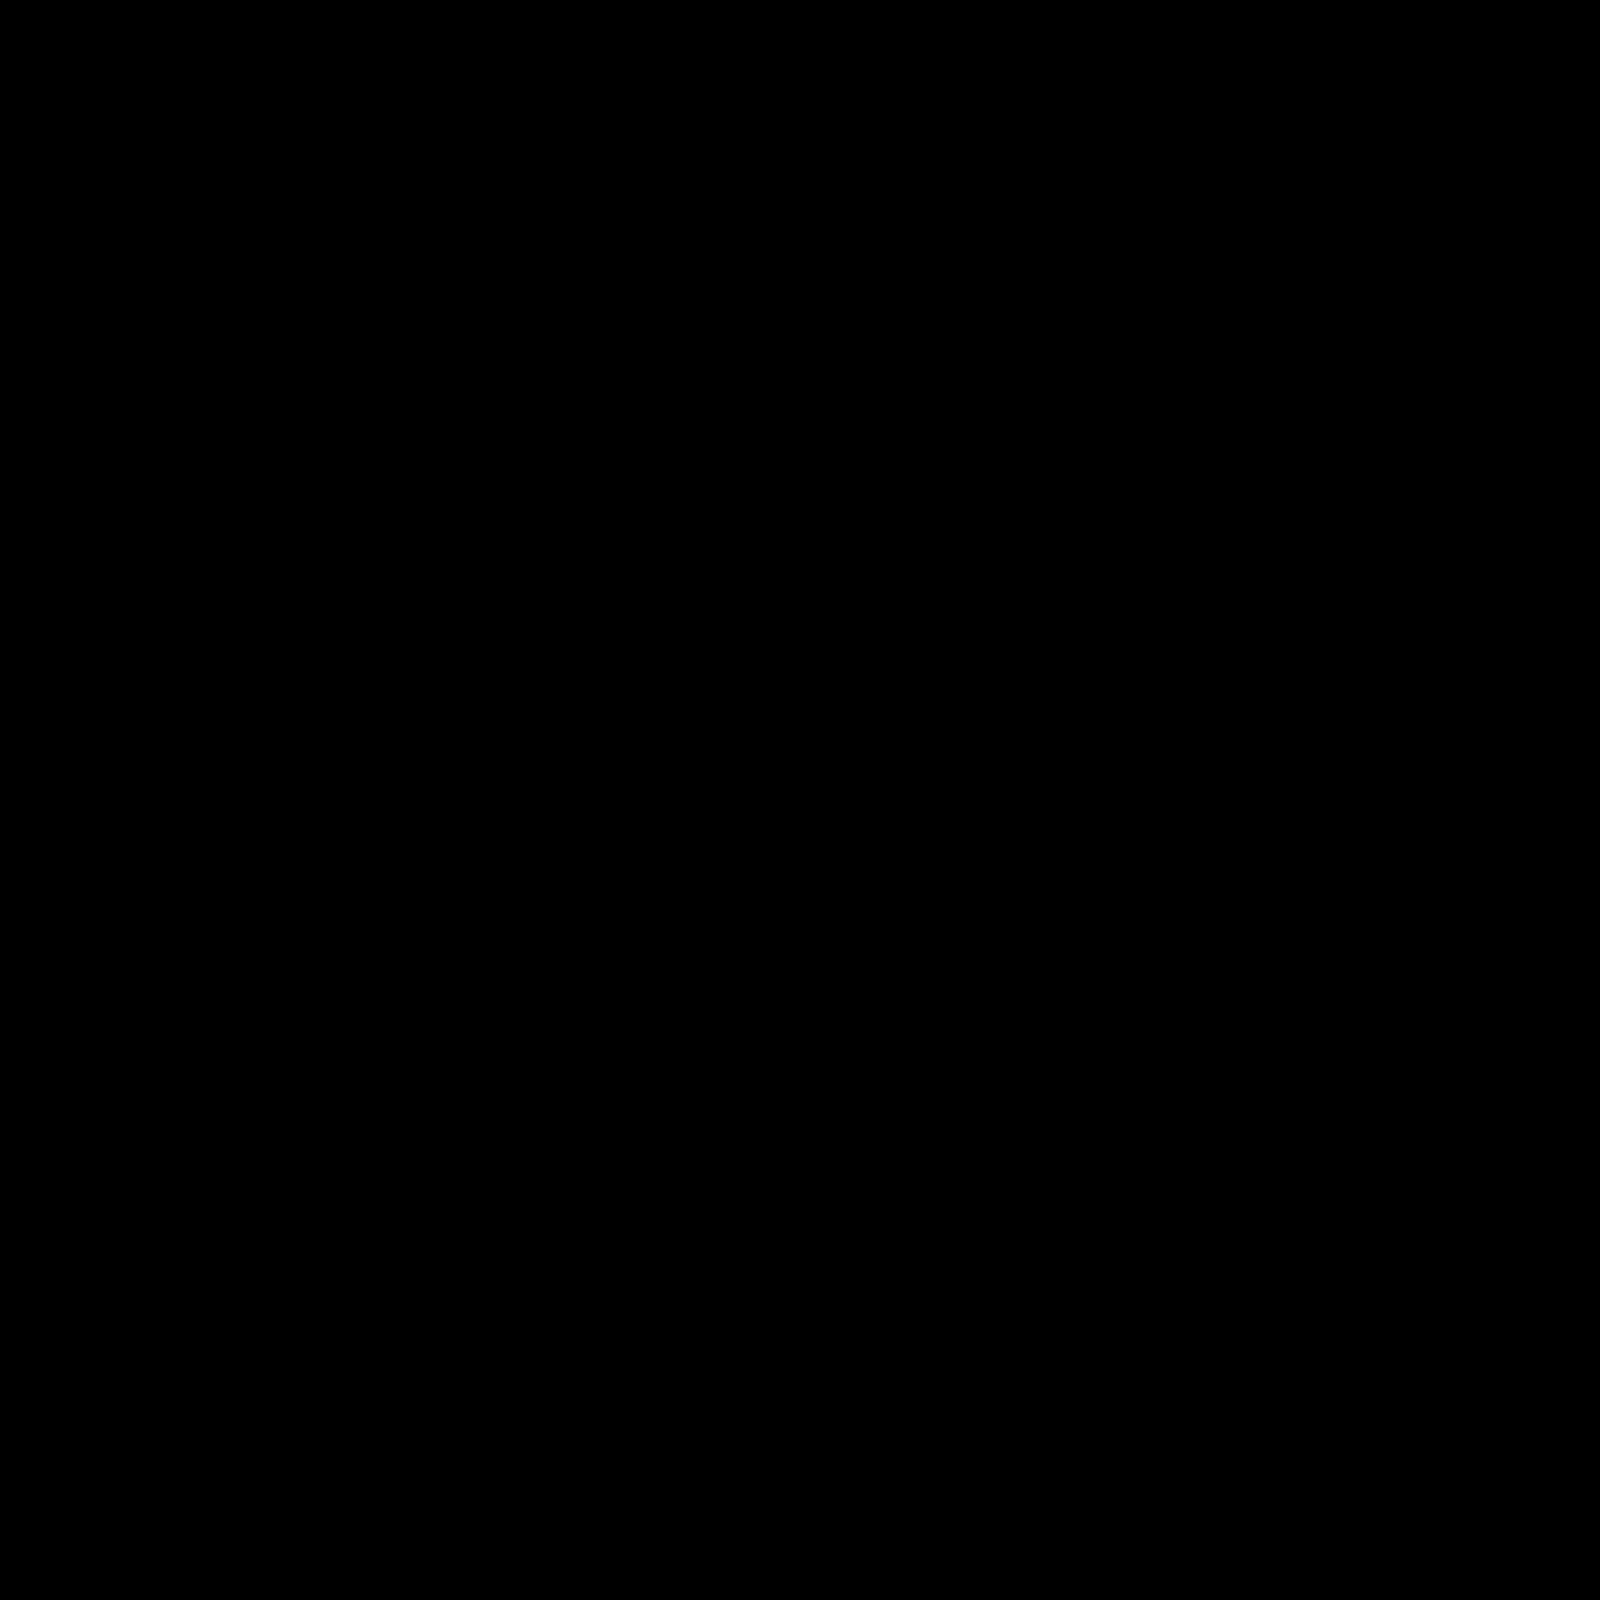 Dali Mustache icon